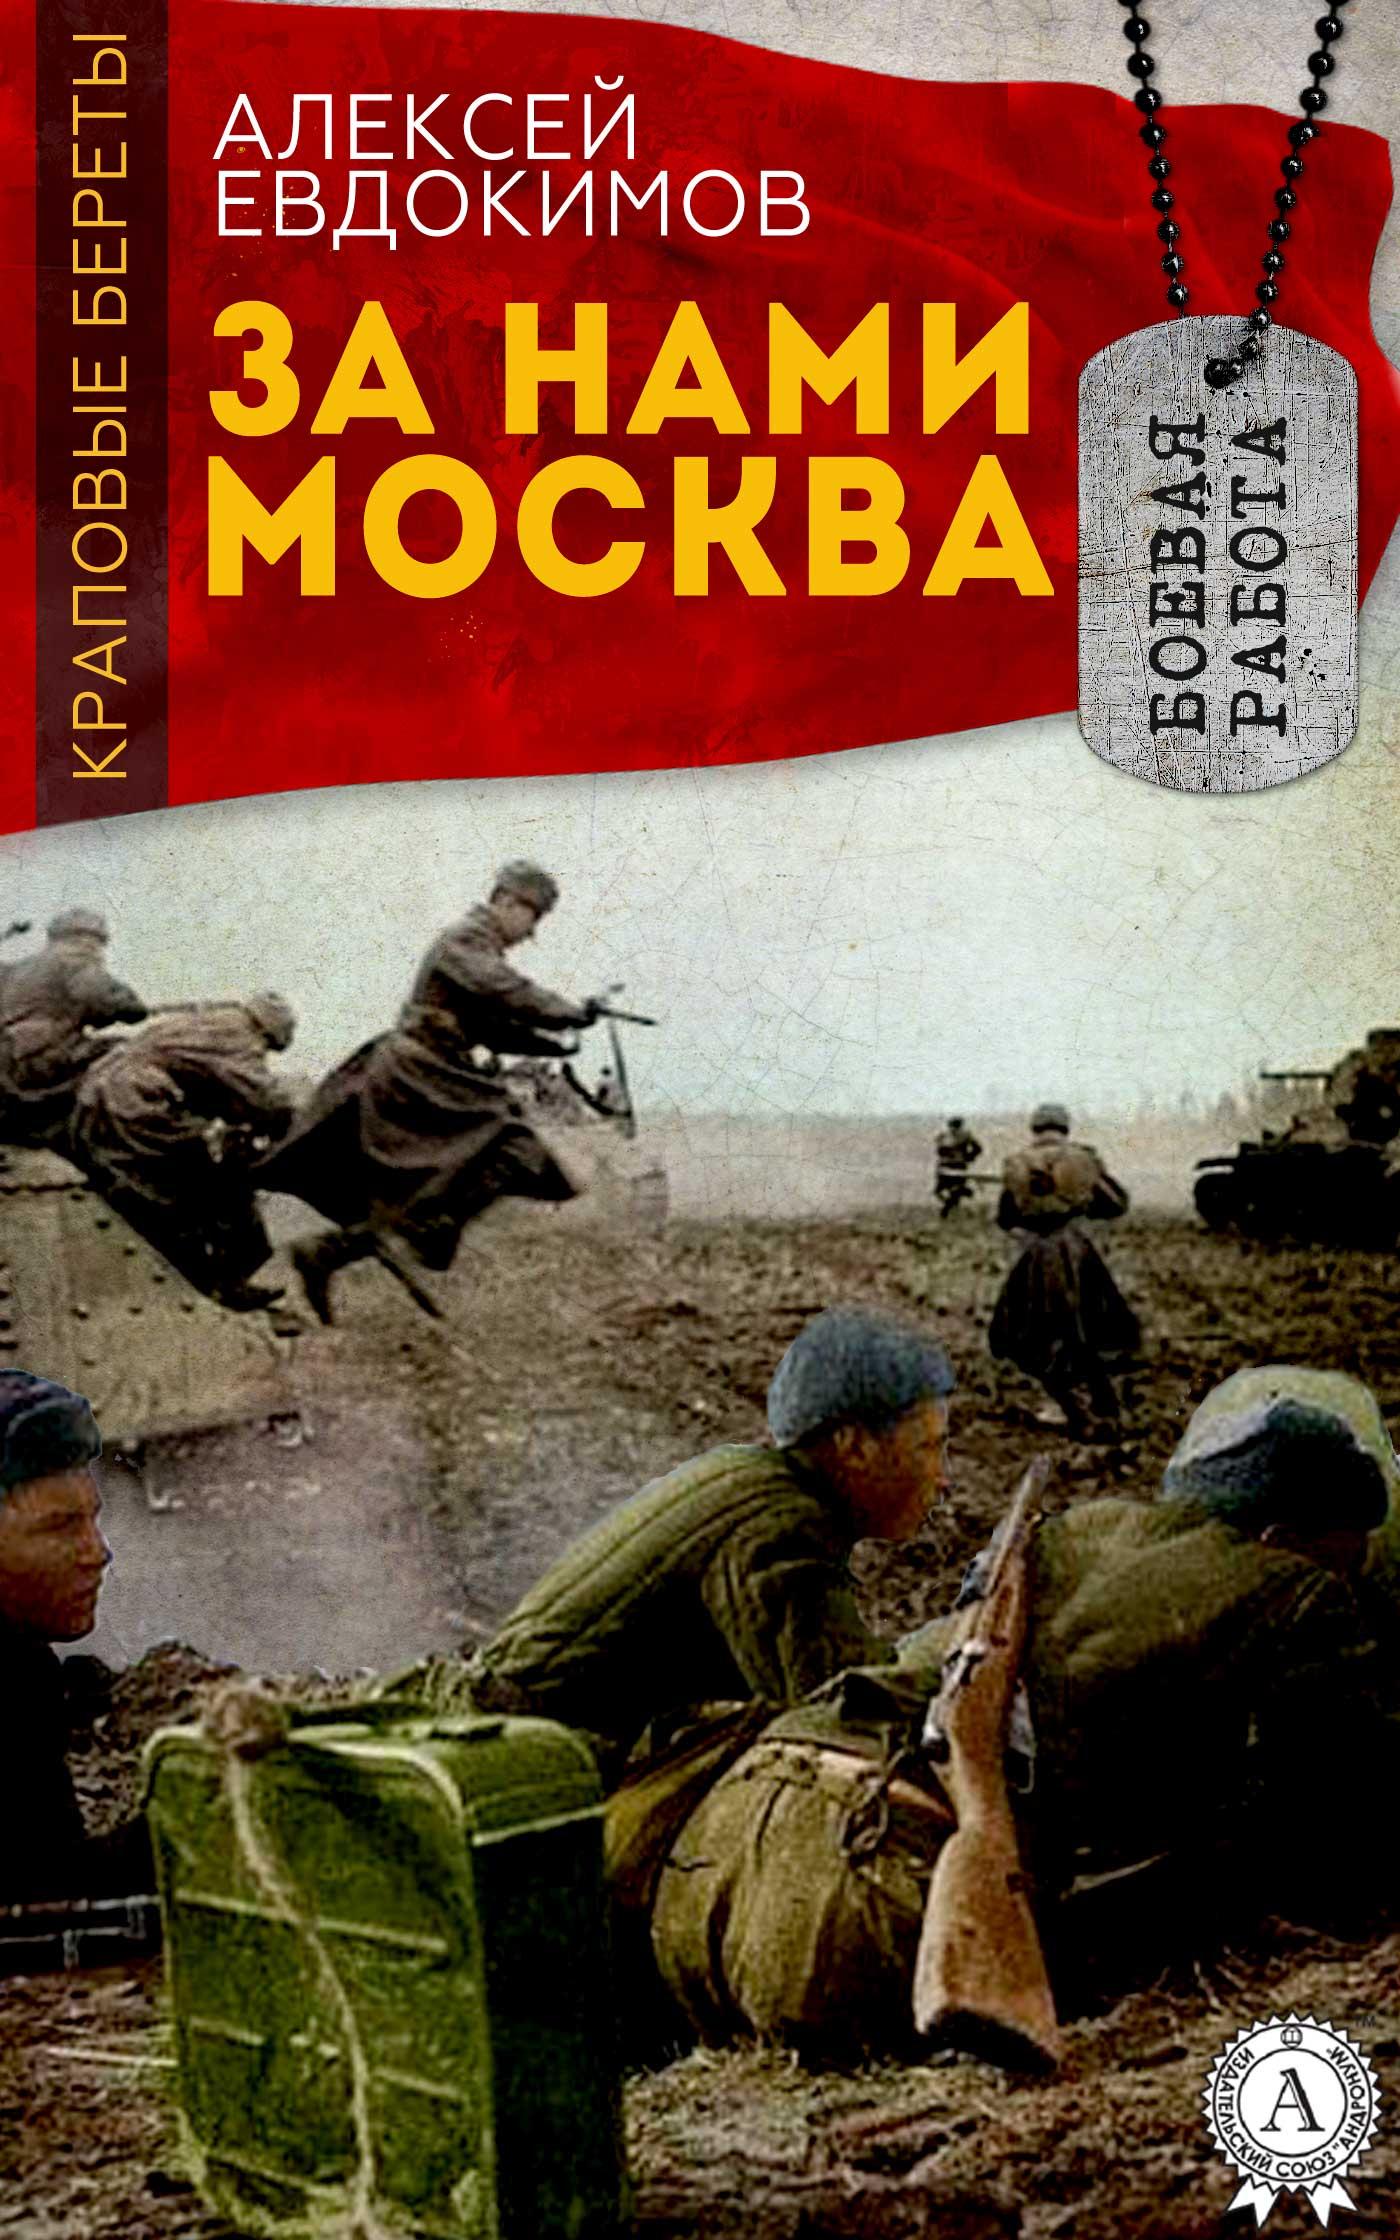 Скачать бесплатно книгу битва за москву